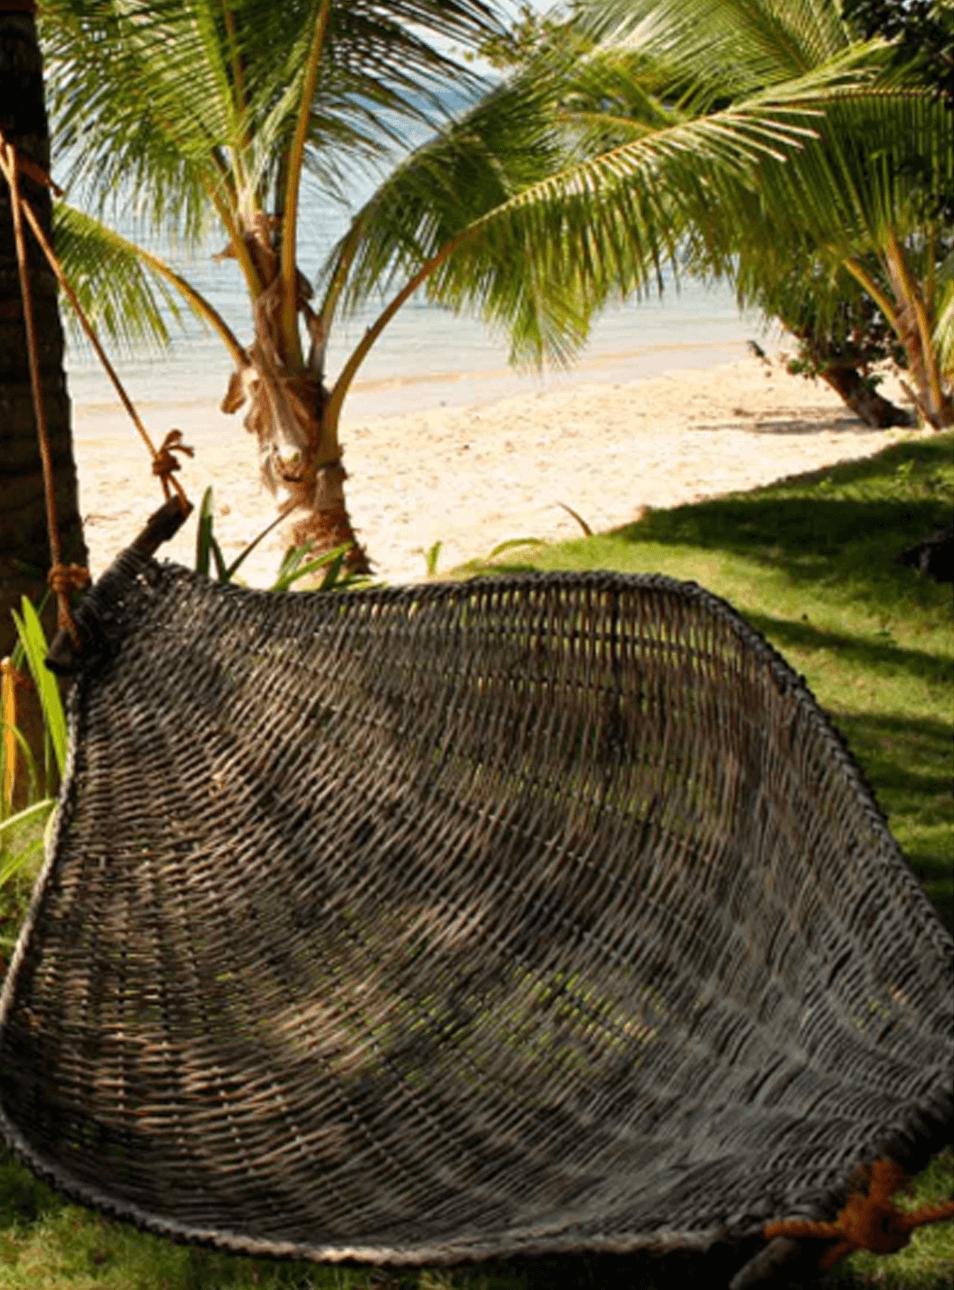 Hamac en bois tressé sur la plage